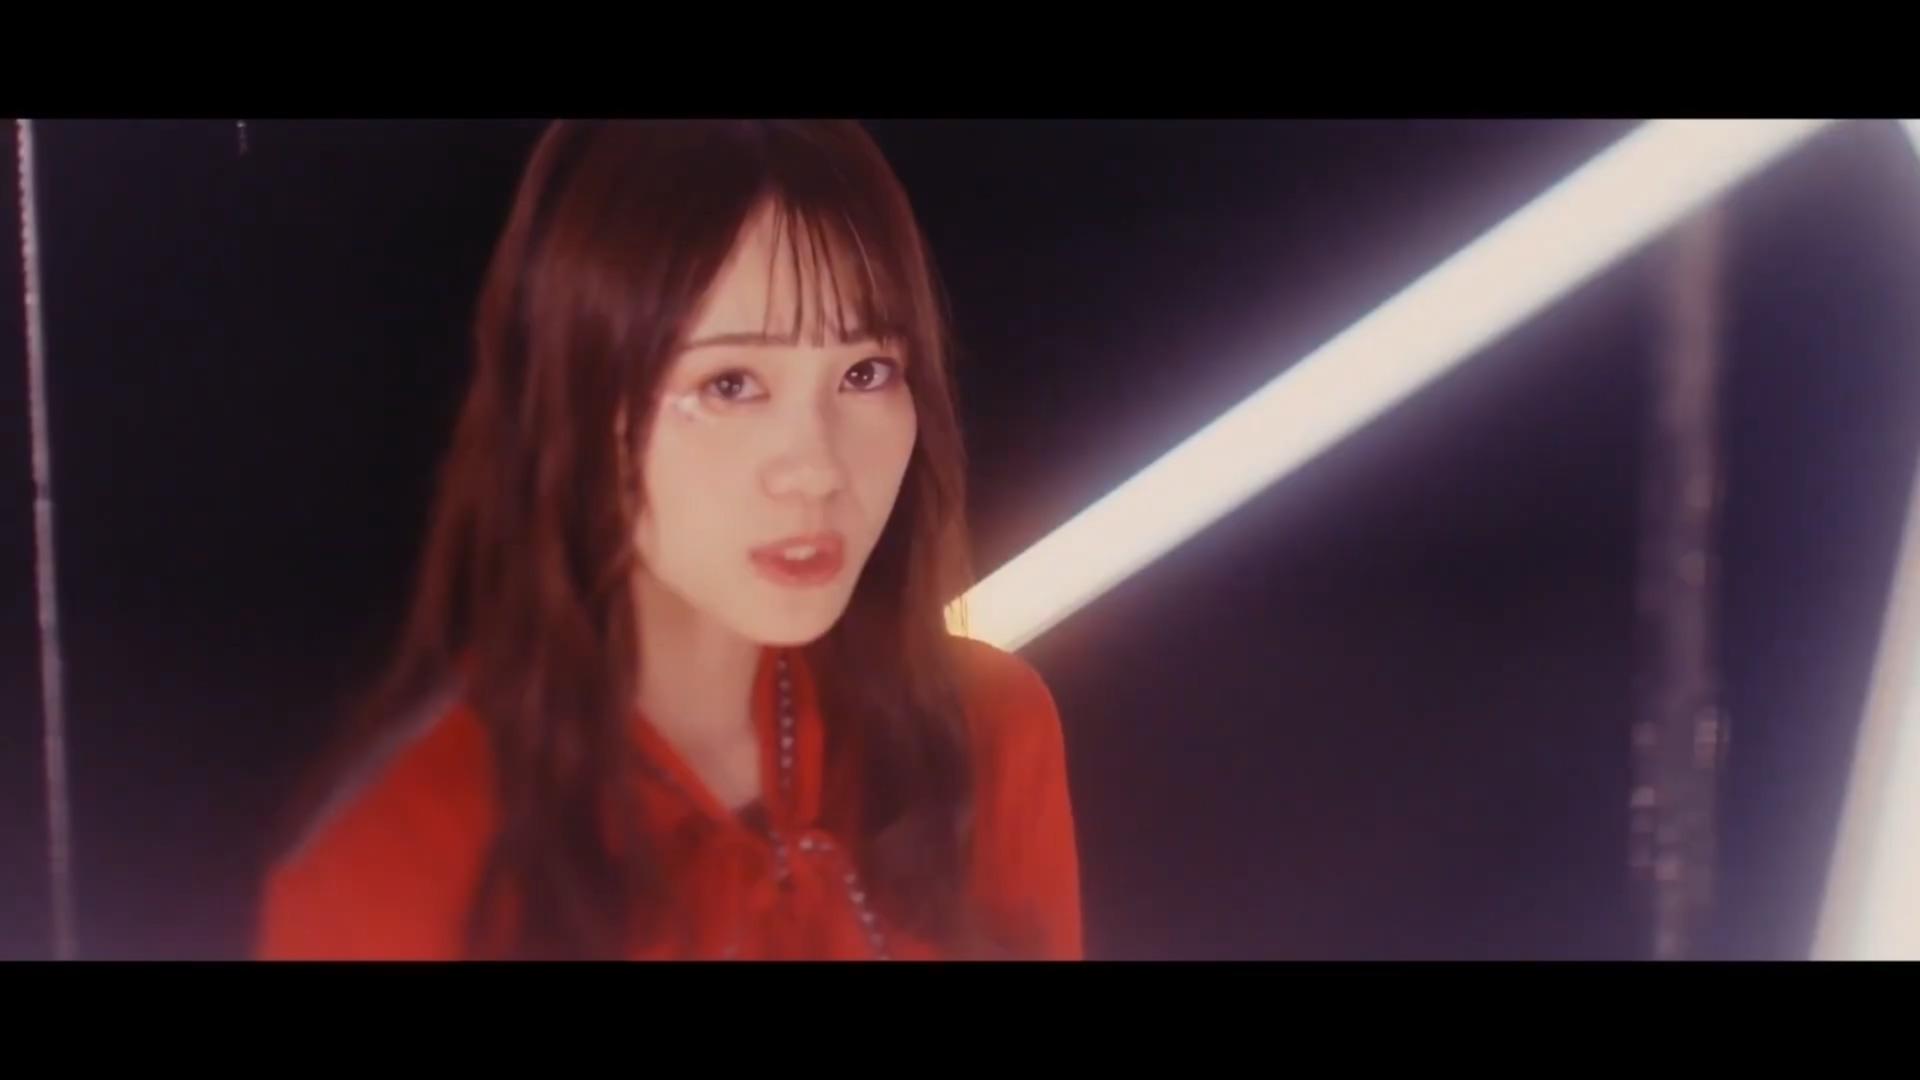 伊藤美来演唱的《星掠者》片头曲MV(Short ver.)公开 伊藤美来 ACG资讯 第2张